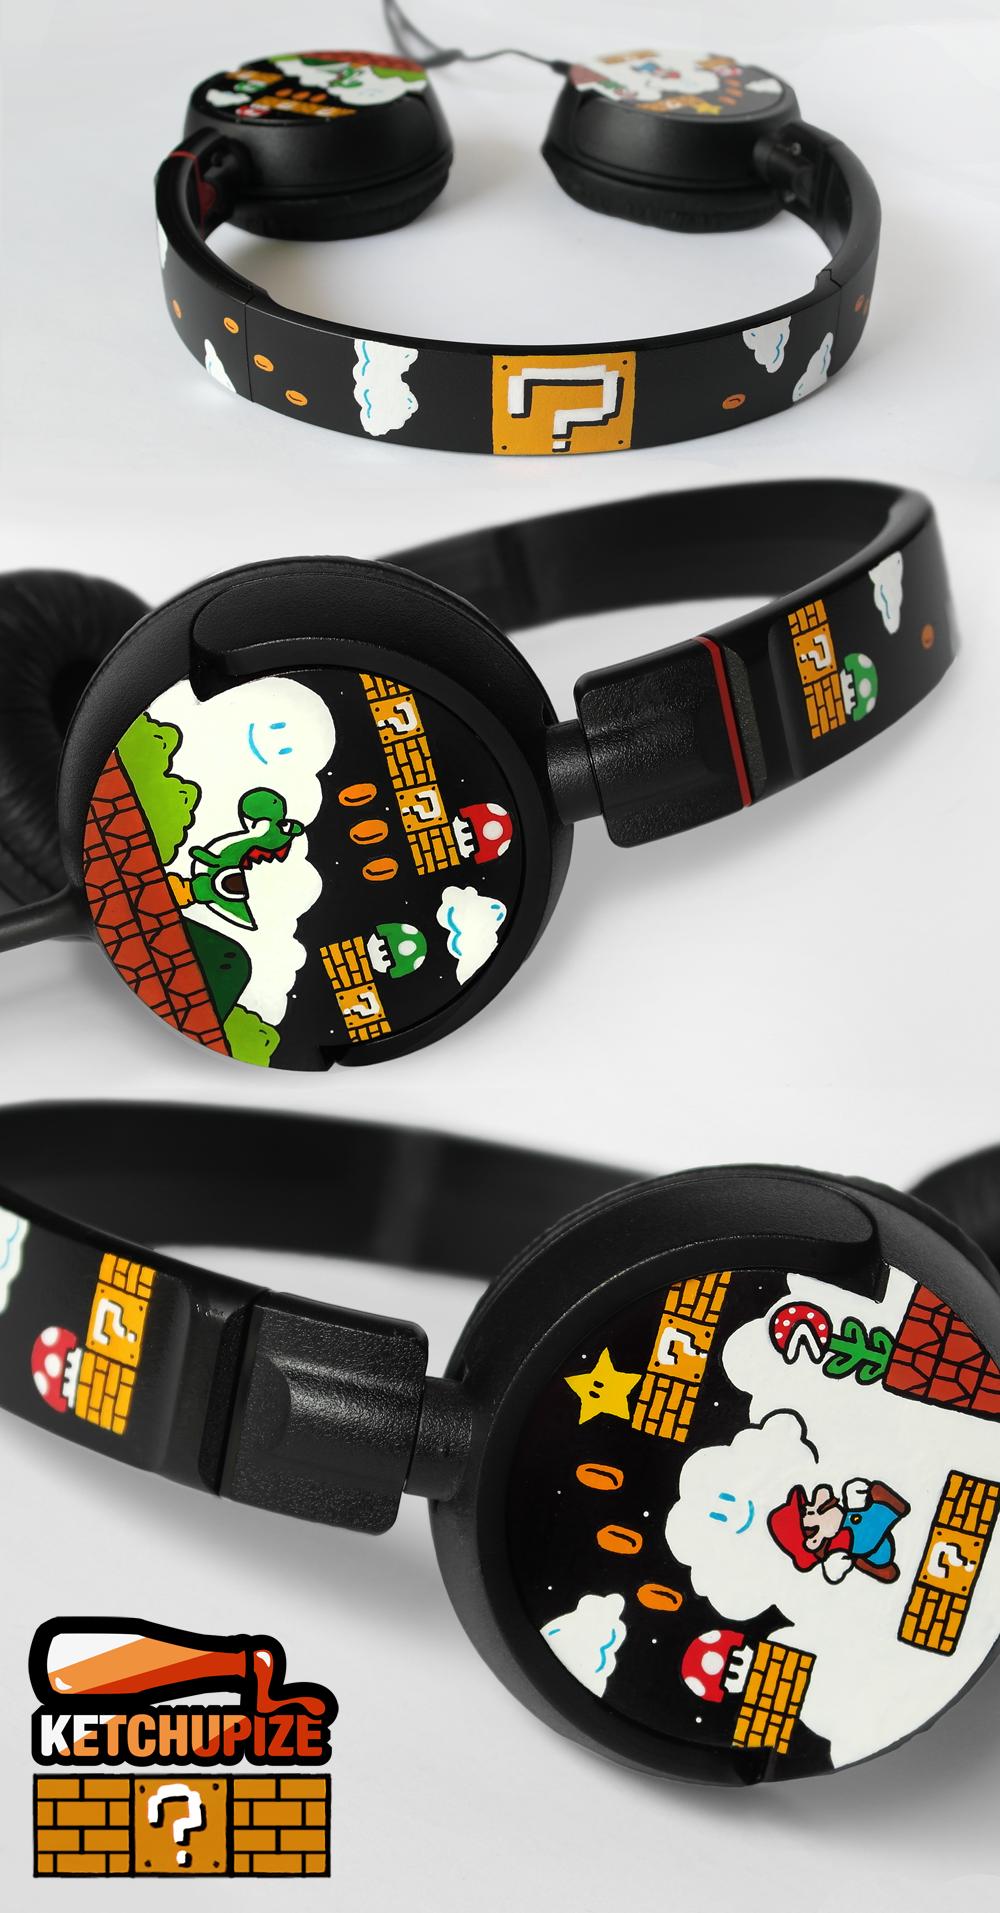 Super Mario headphones by Ketchupize